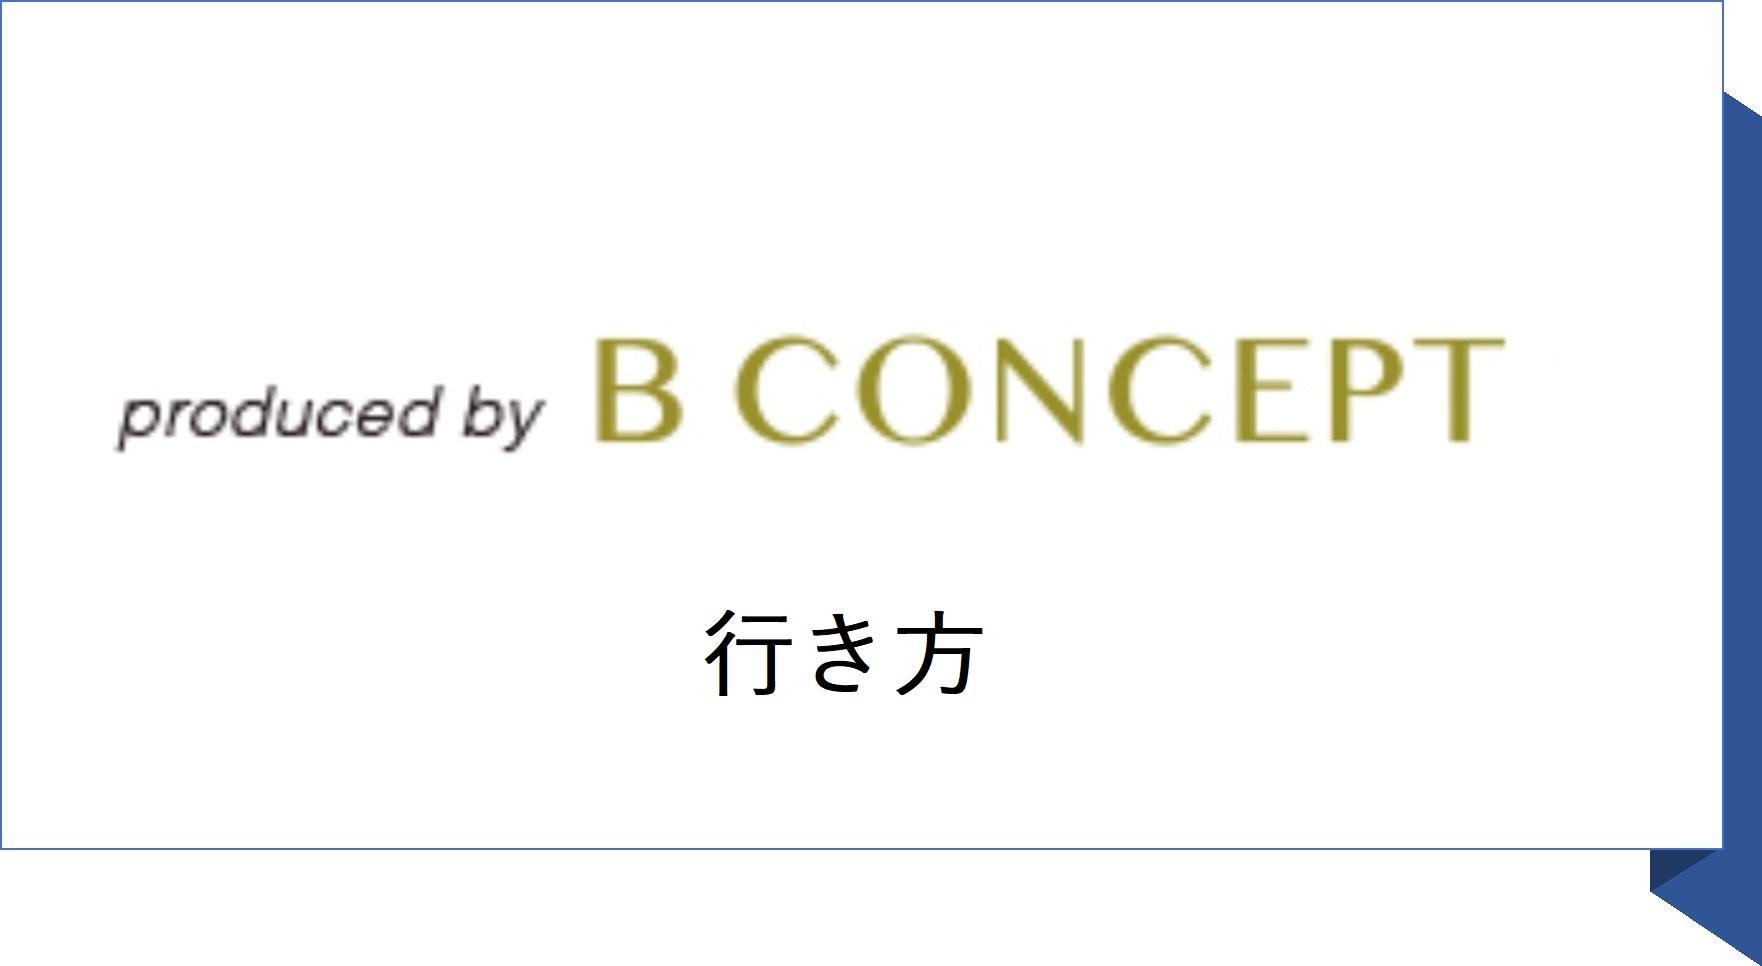 ビーコンセプト(行き方)